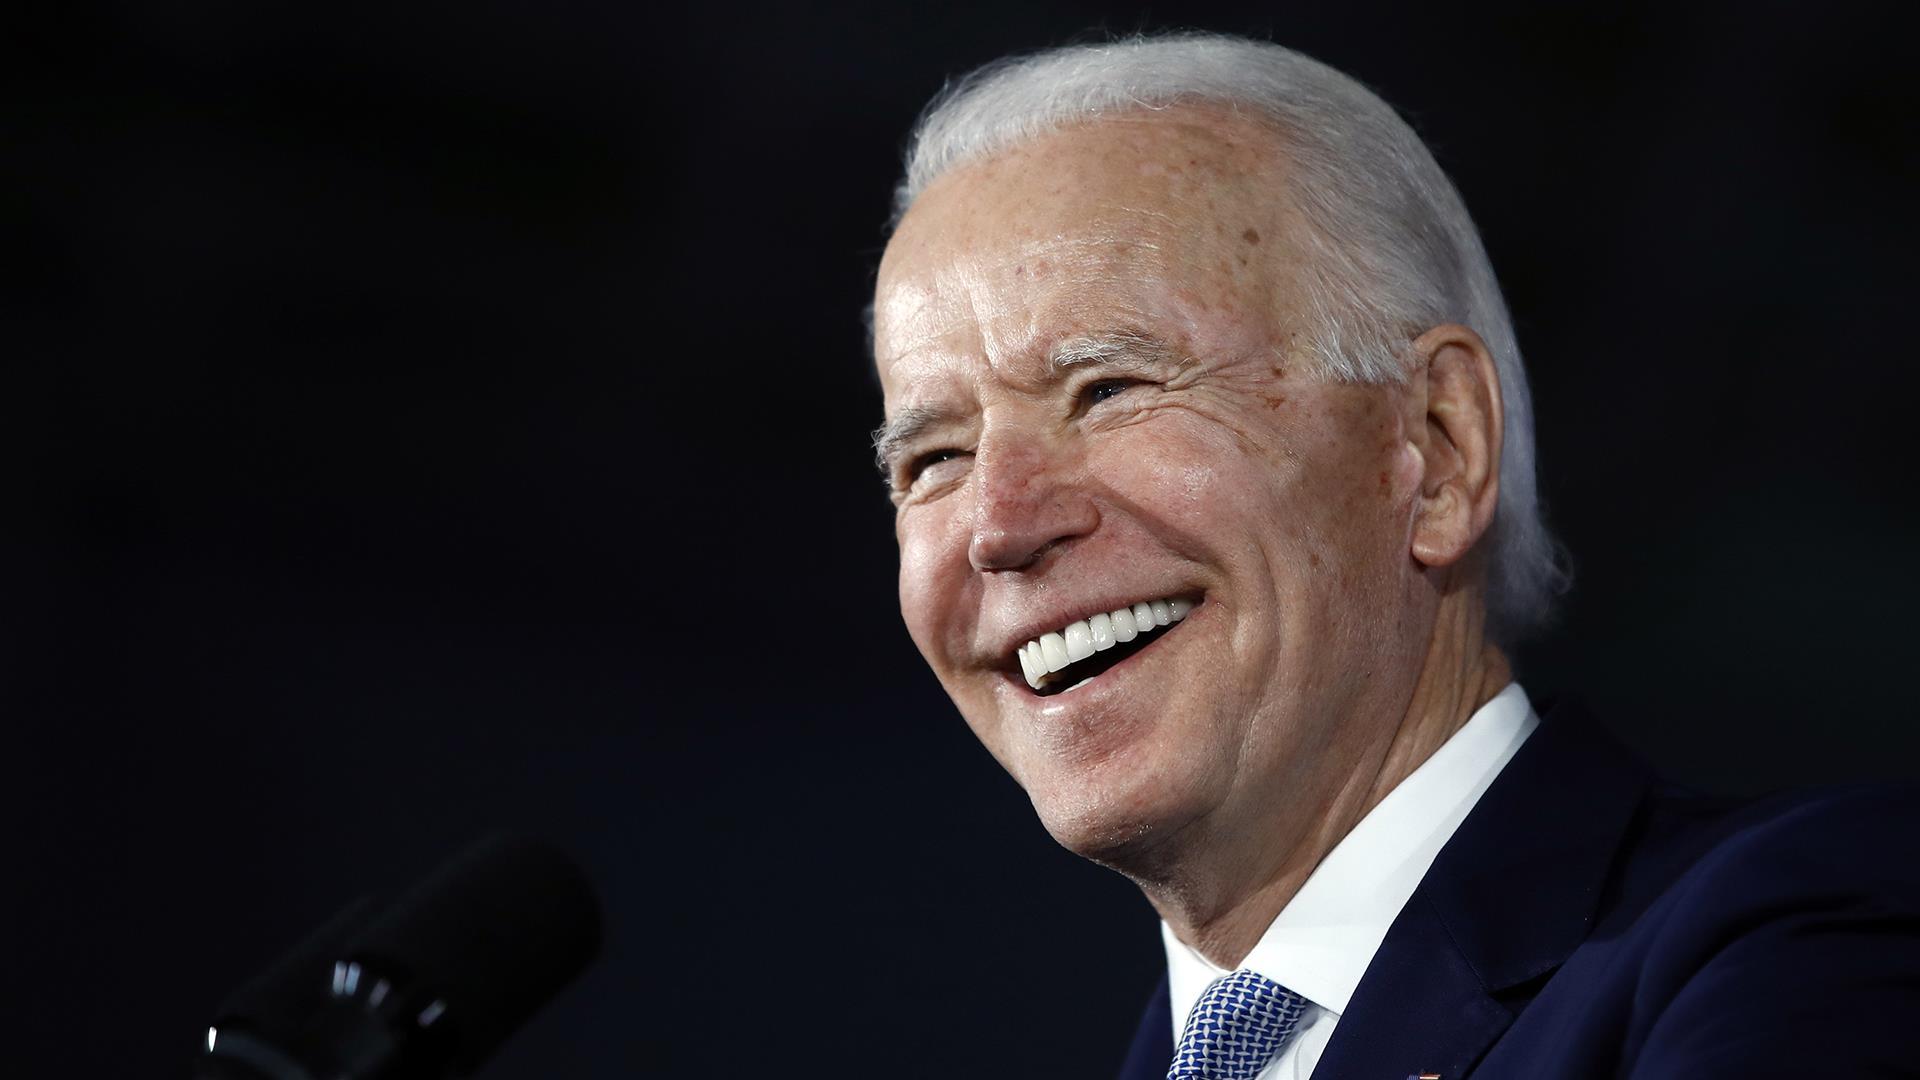 Joe Biden 74501 jpg ff25e